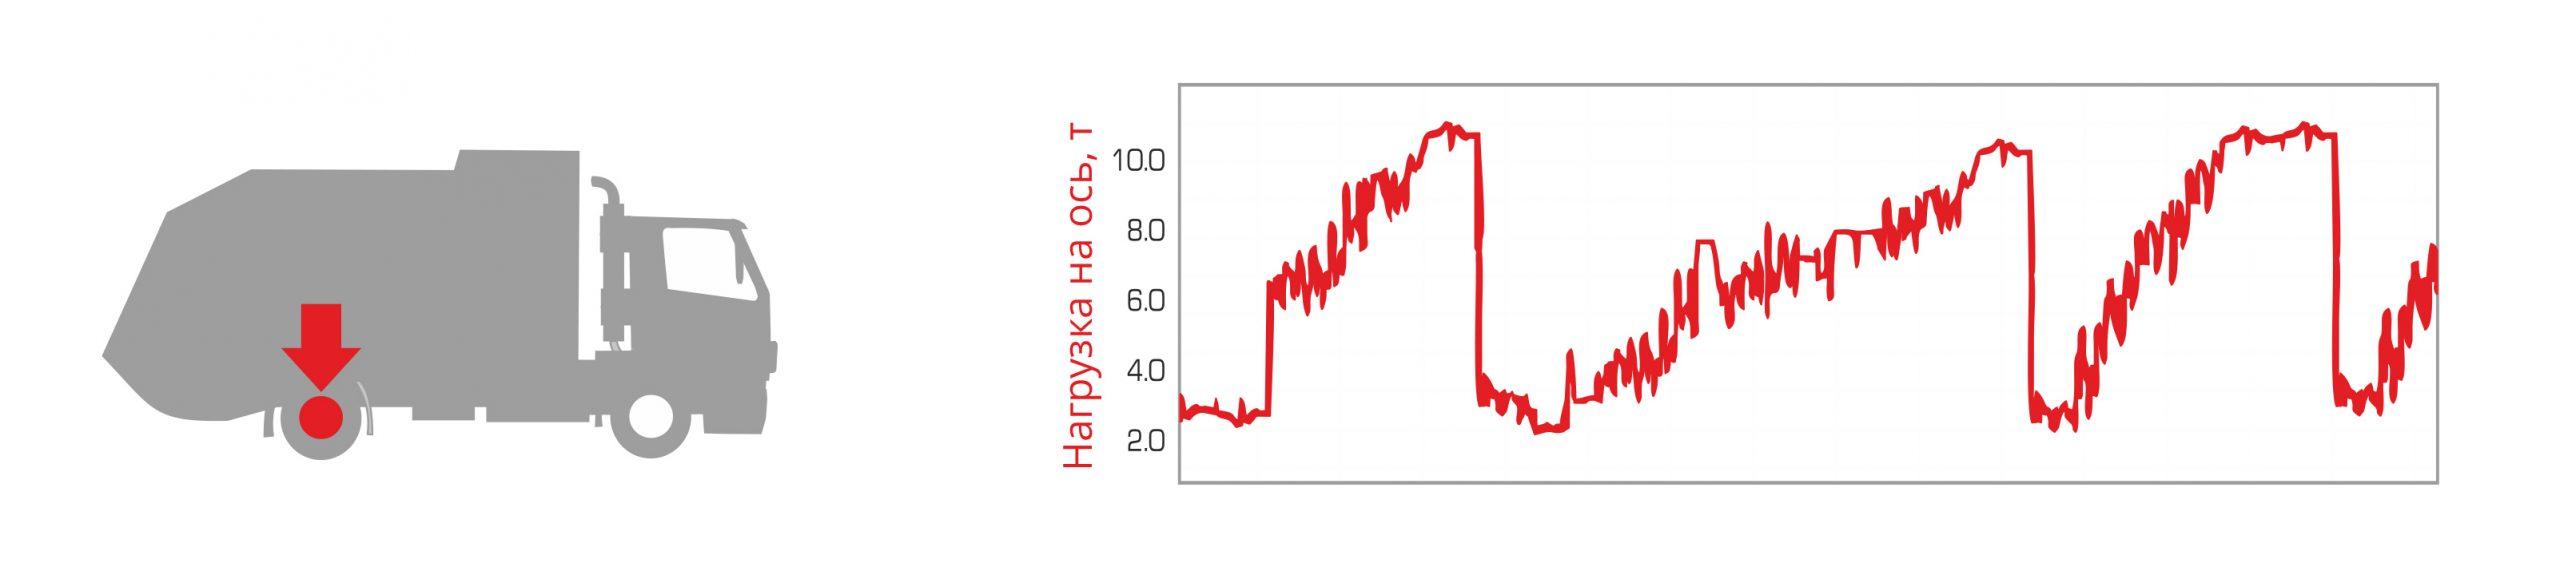 График нагрузки на ось в системе мониторинга